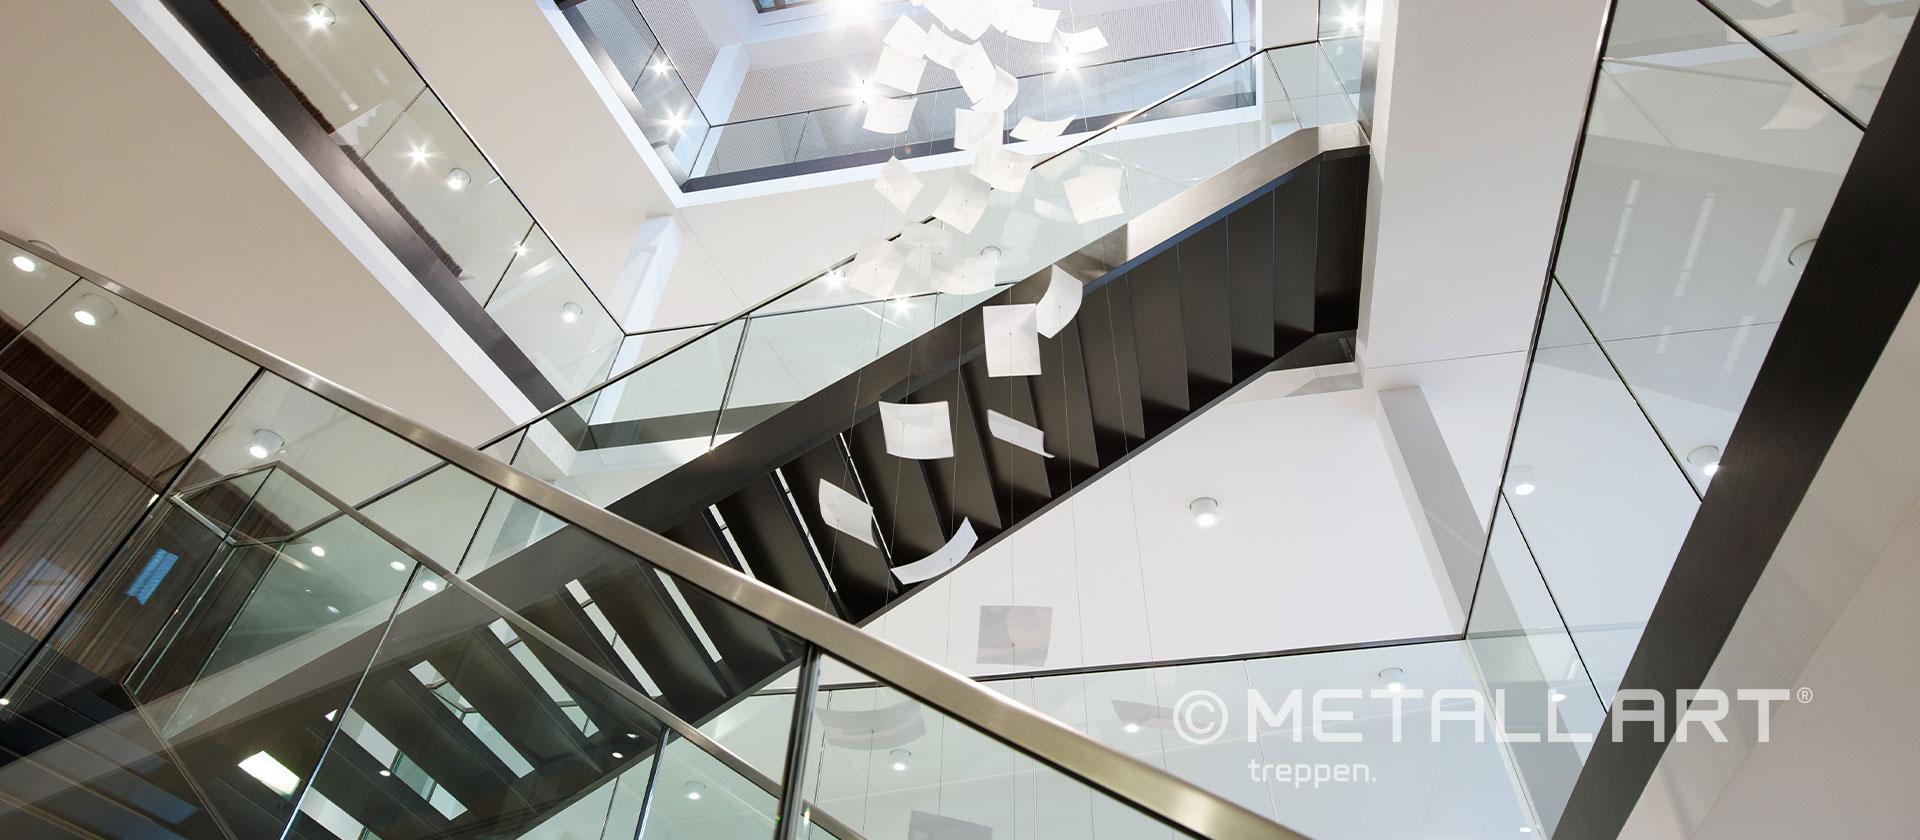 Glasgeländer für Stahltreppe